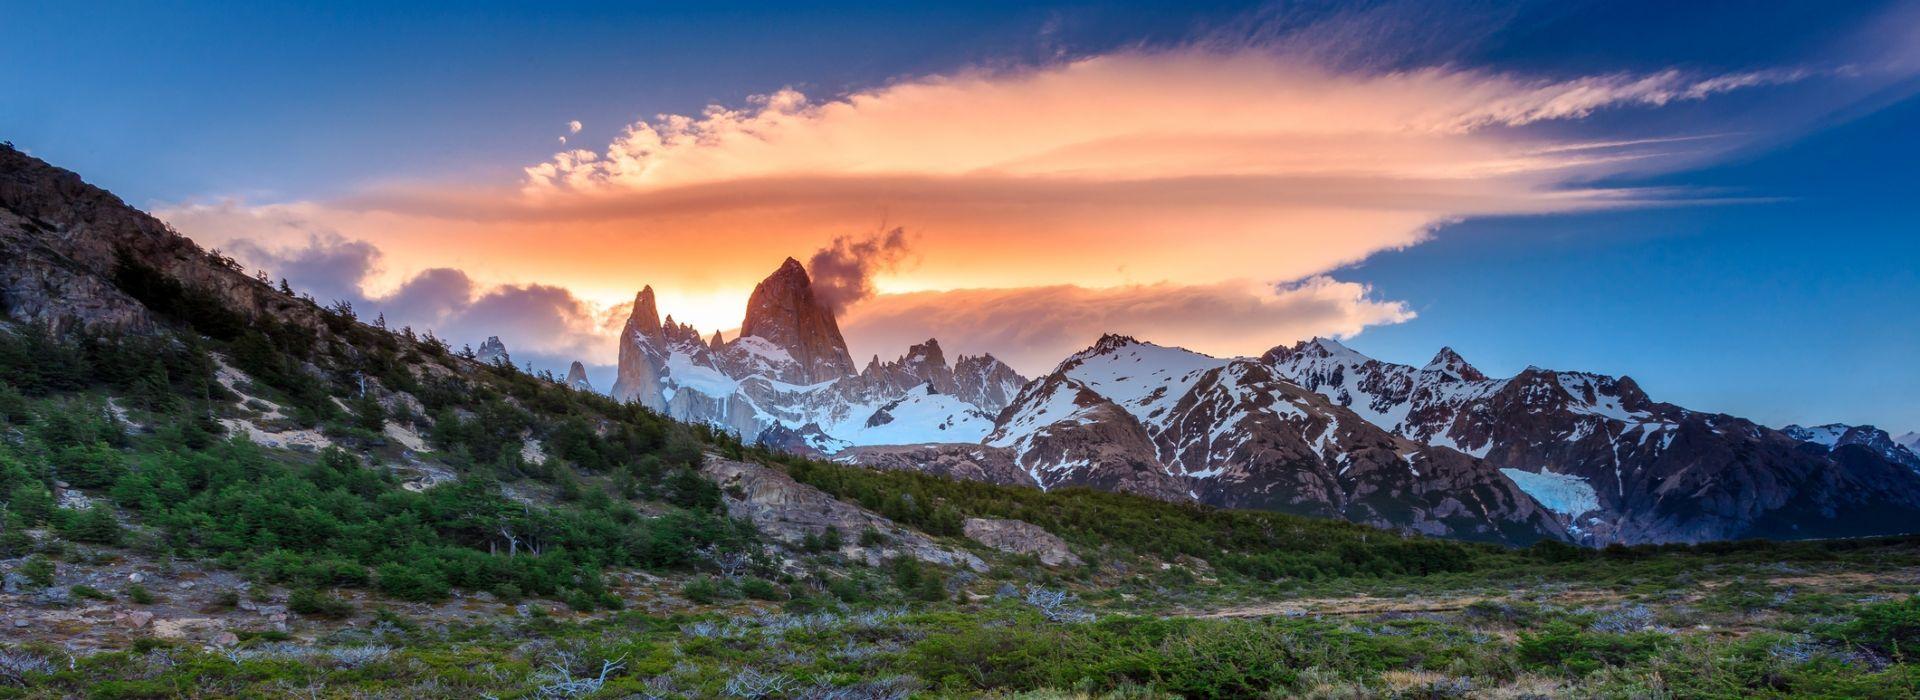 Explorer Tours in Patagonia